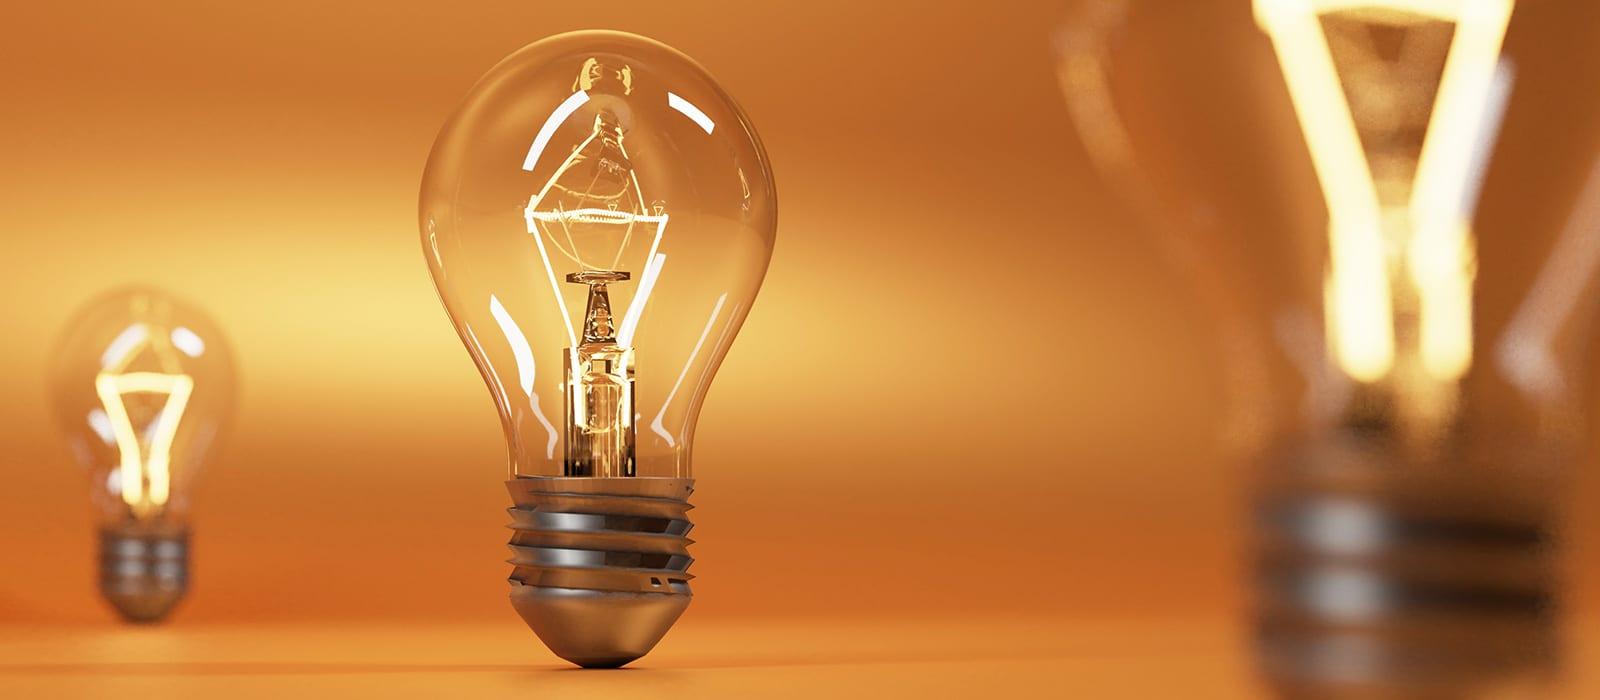 innovate-pano